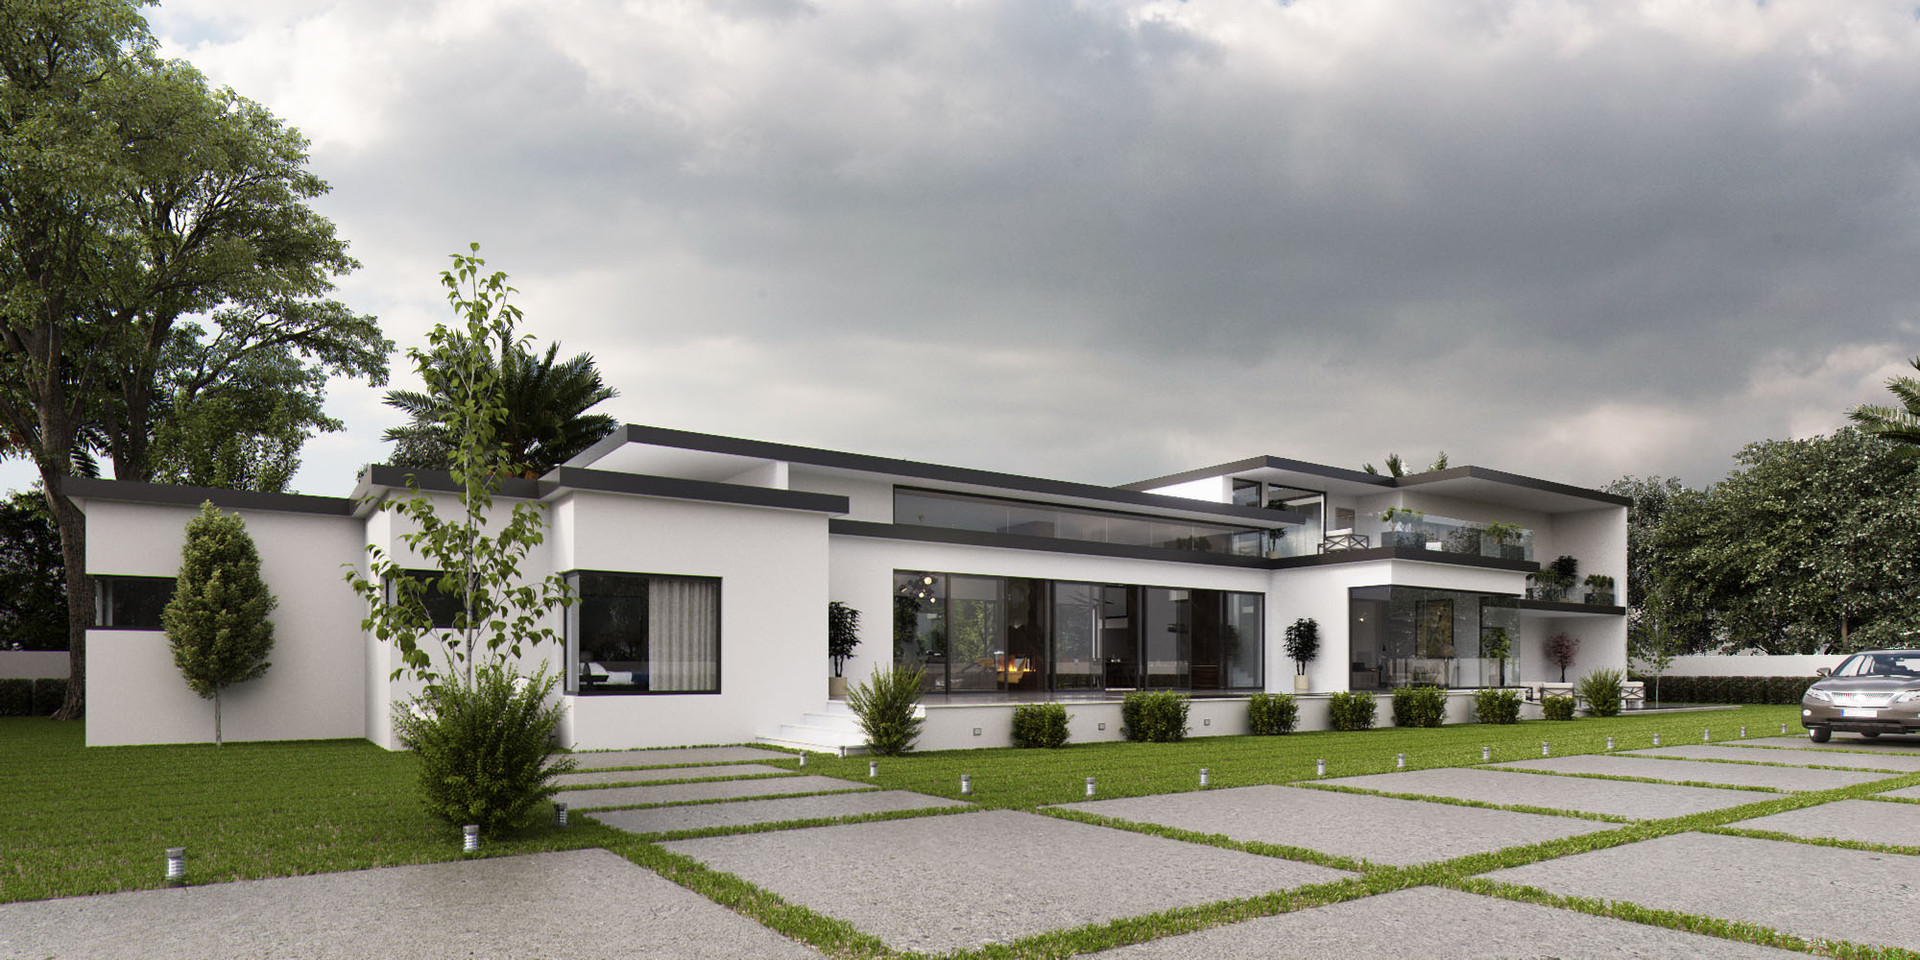 3D_renders_exteriors_house02_3.jpg